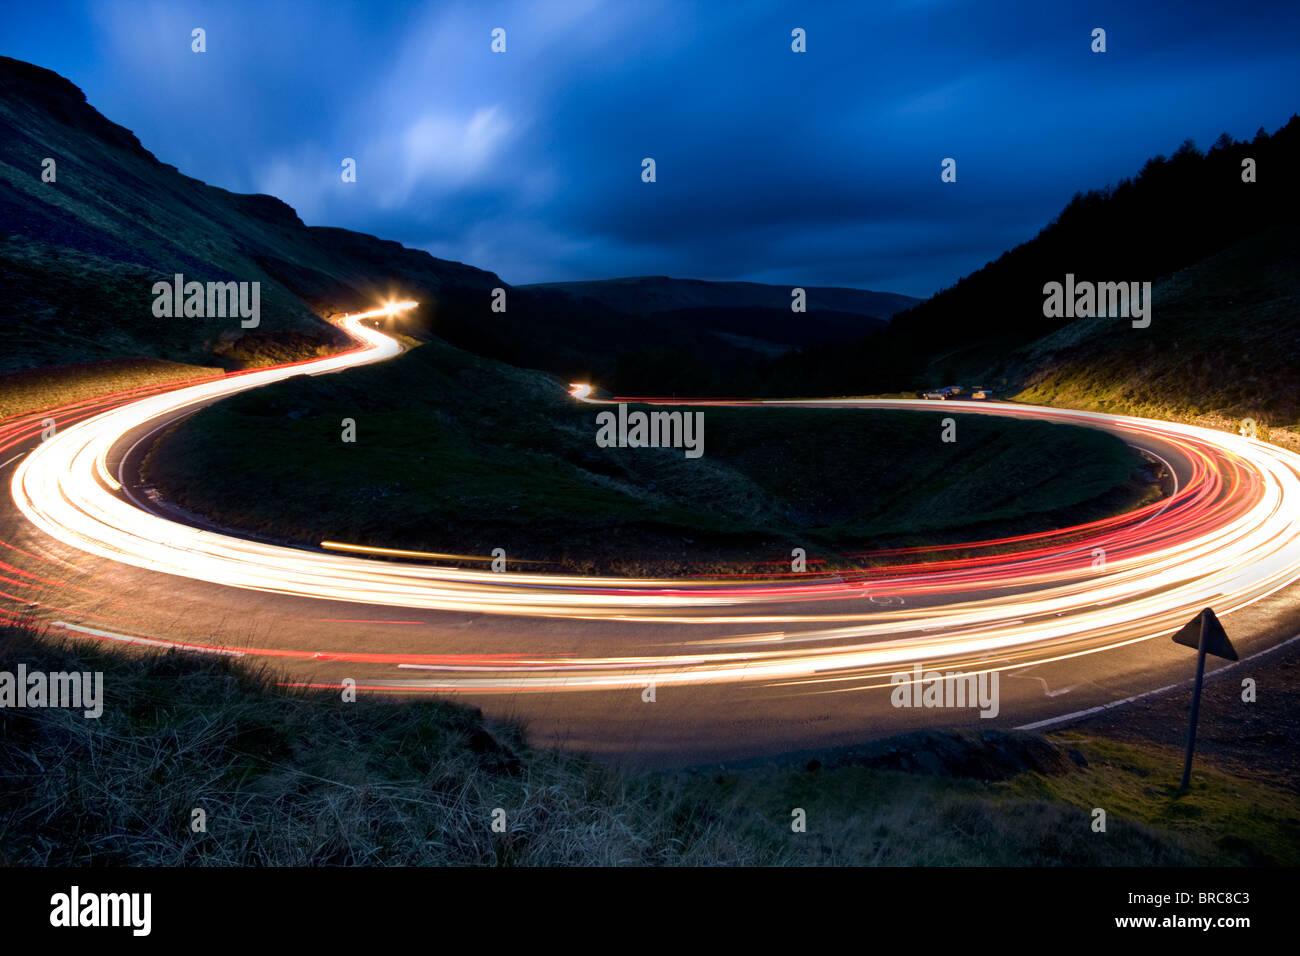 Los faros de los coches trailing alrededor de una curva cerrada en una mounatin pass en el sur de Gales. Imagen De Stock